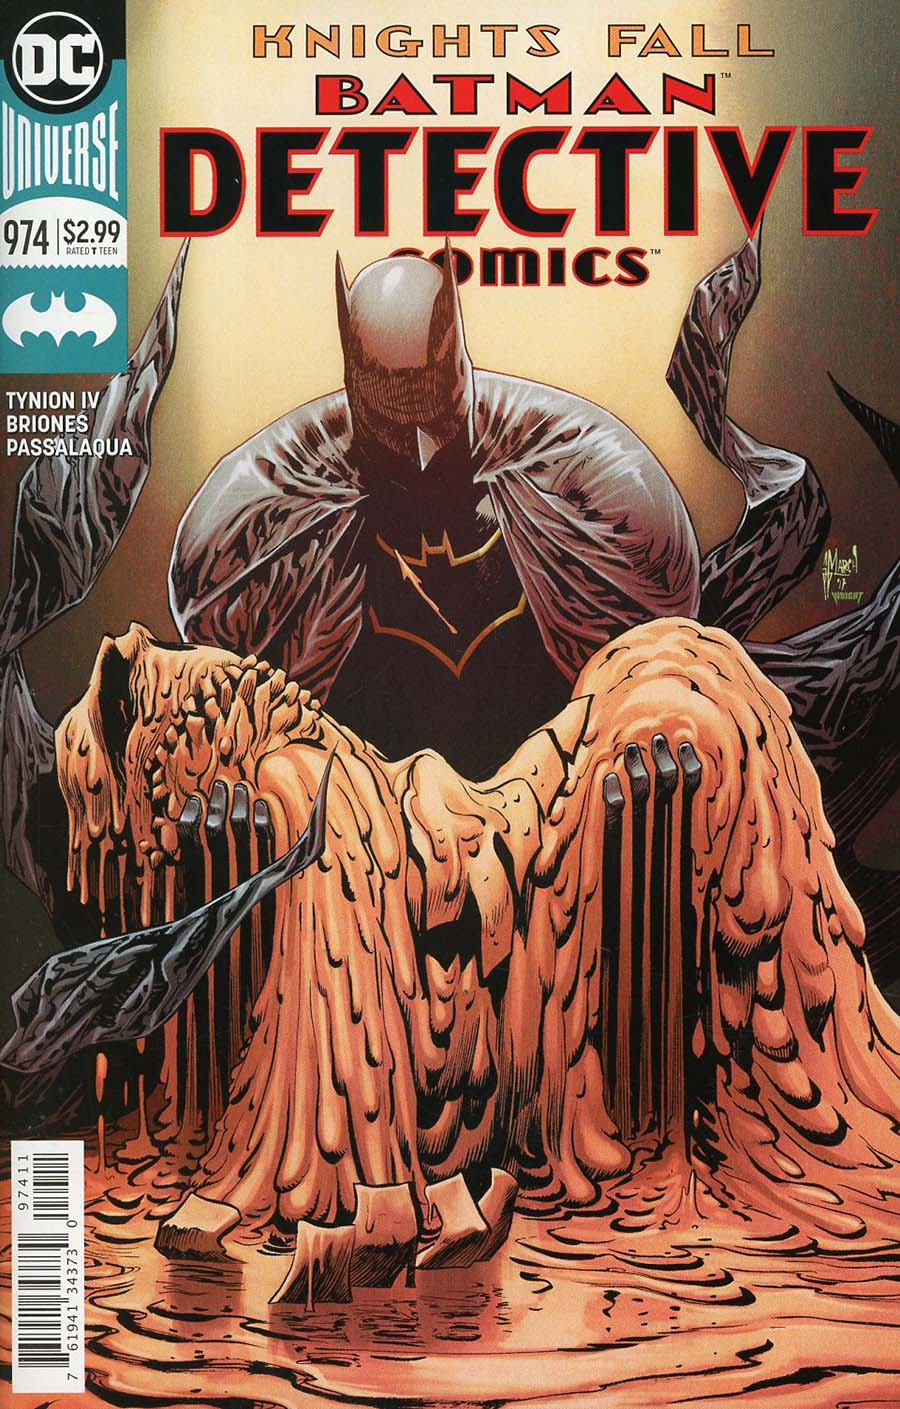 Detective Comics Vol 2 #974 Cover A Regular Guillem March Cover